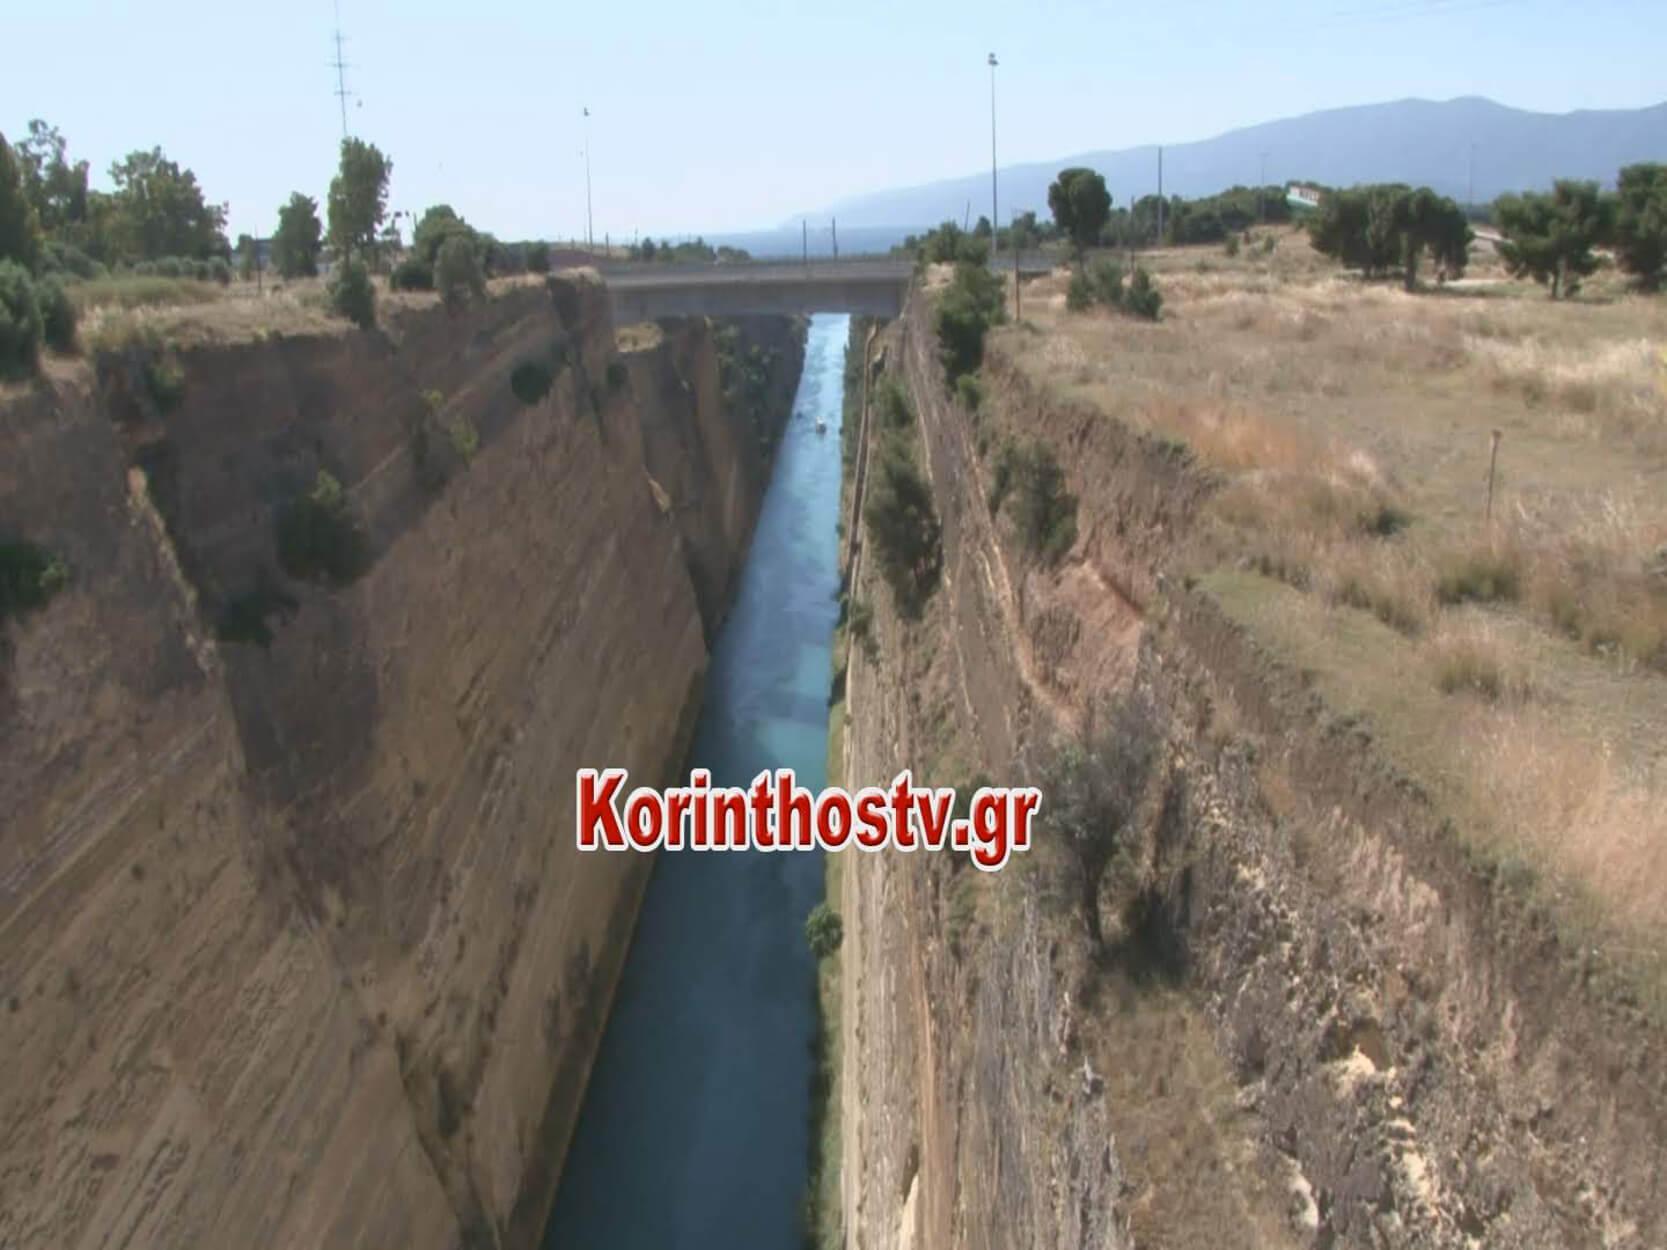 Ισθμός: Κοντά στα 50 η γυναίκα που έπεσε από την γέφυρα – Προανάκριση από το Λιμενικό